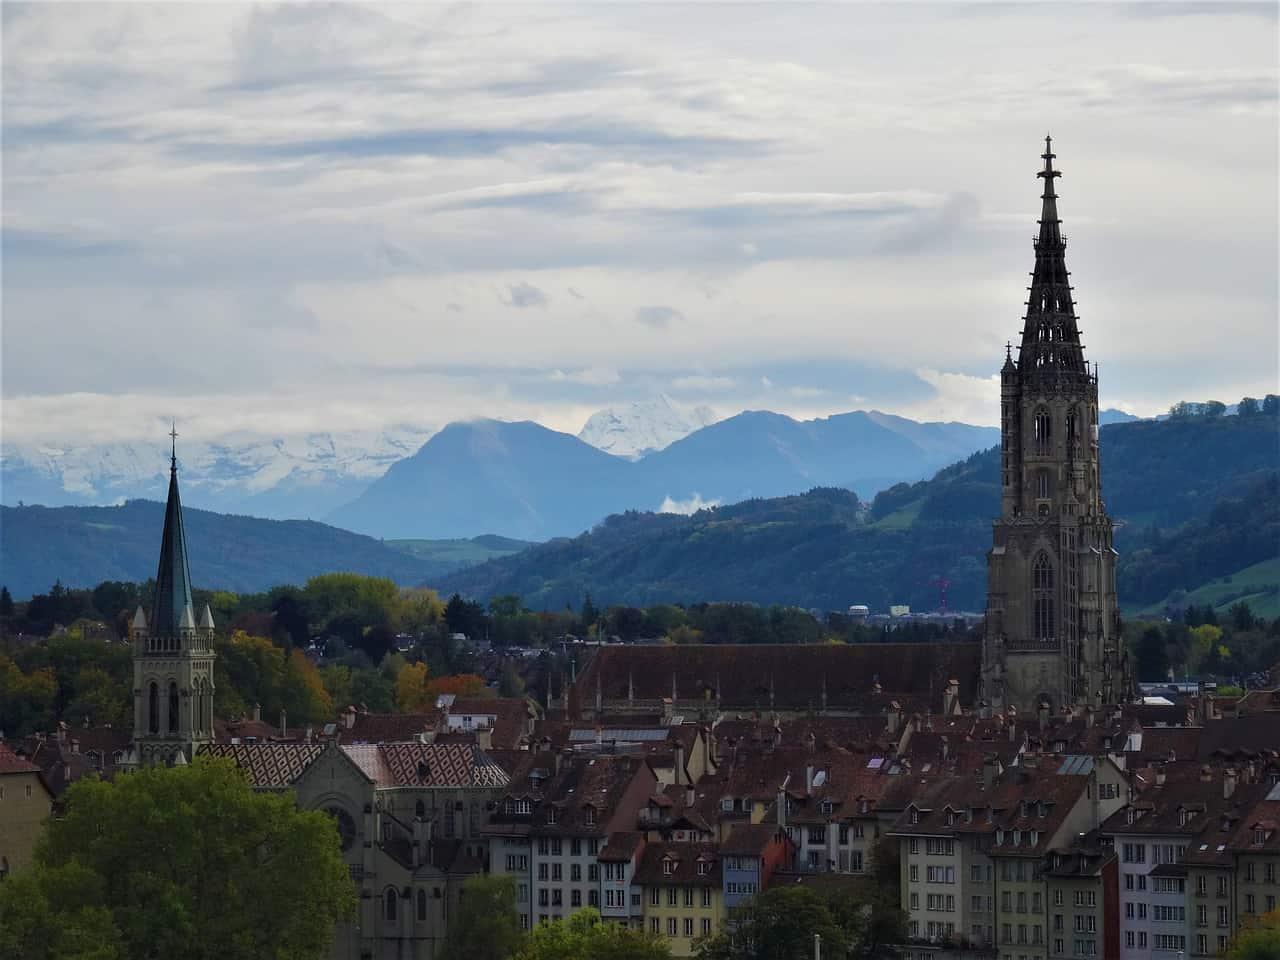 Catedral de Berna y al fondo los alpes suizos. Foto fotoerich